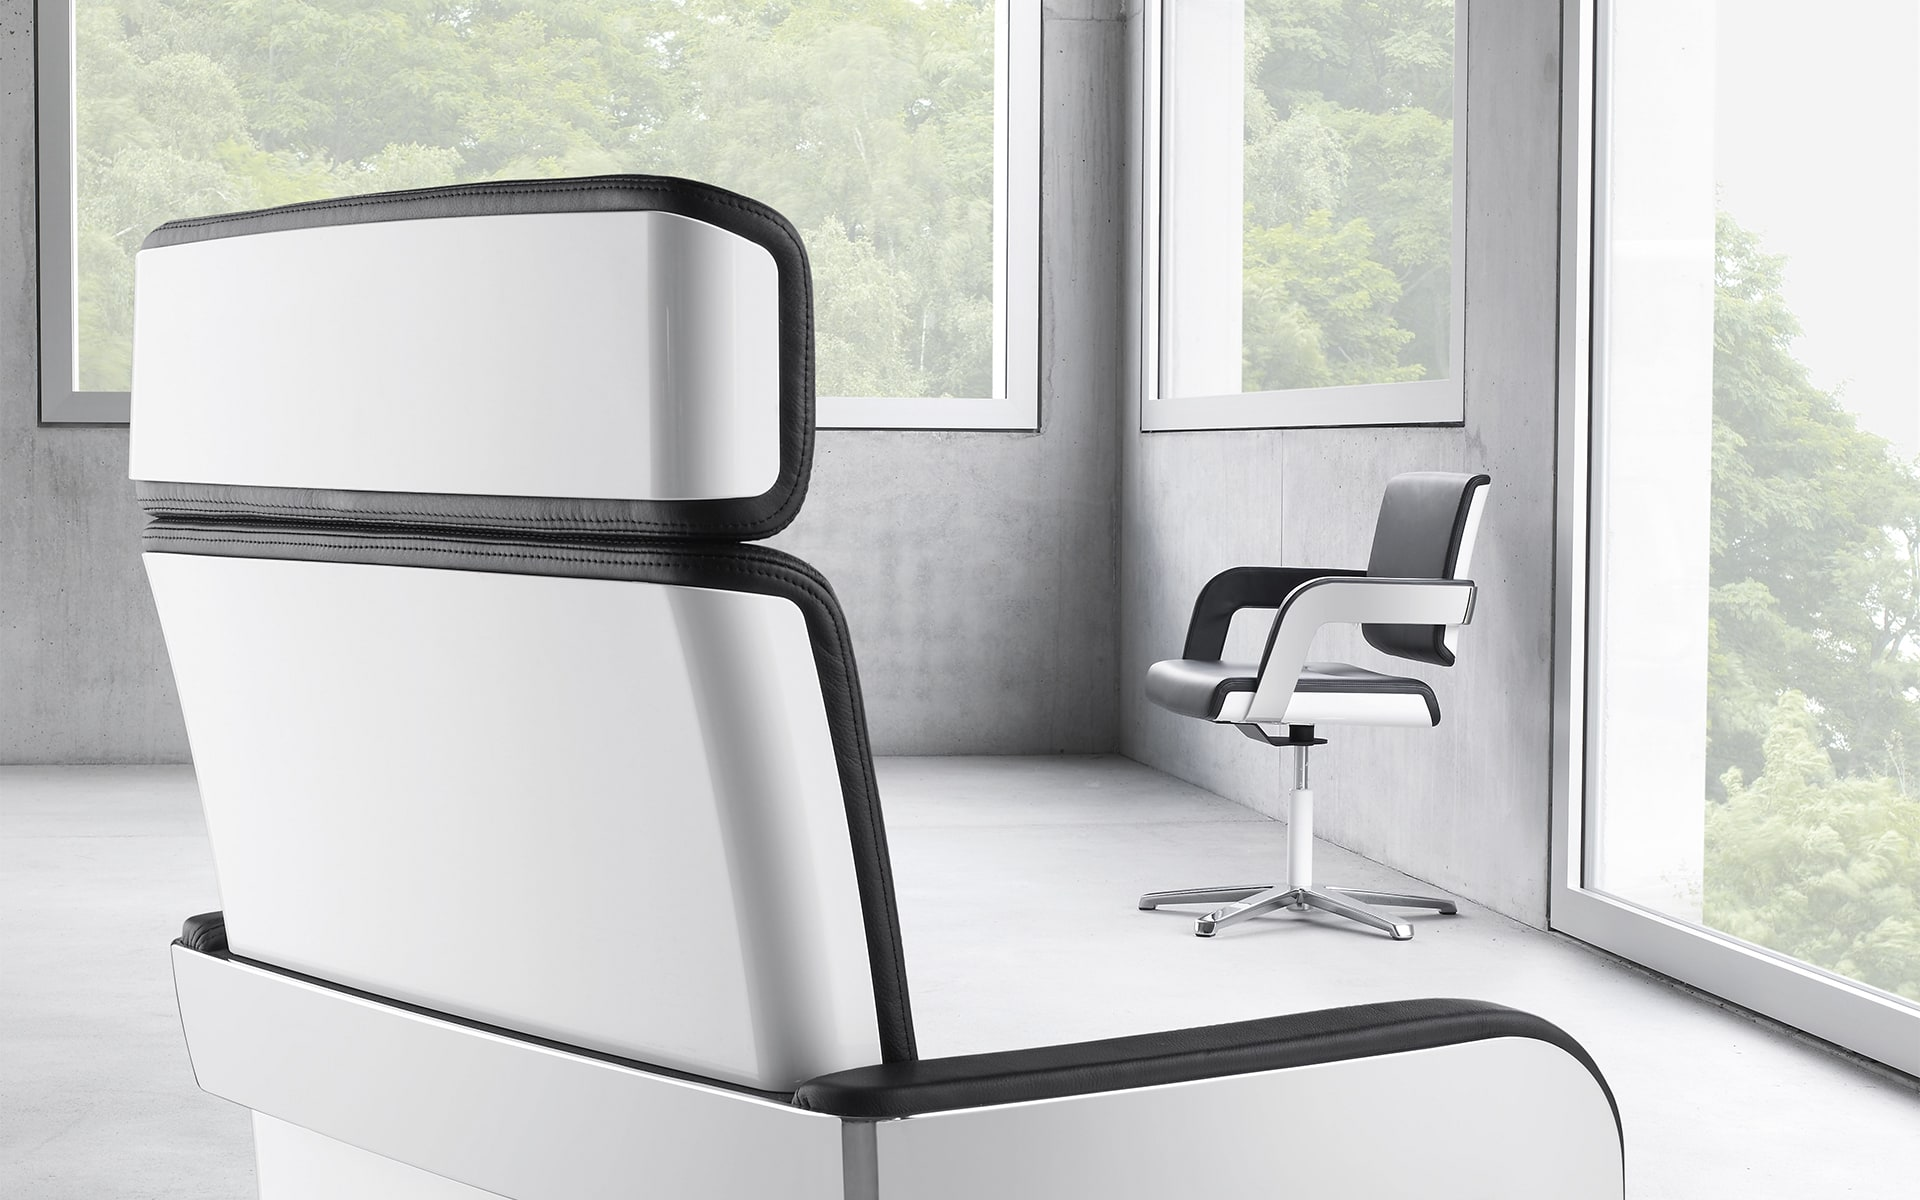 Schwarz-weisse K+N Charta Konferenzstühle von ITO Design in leerem Raum mit Betonwänden und großen Fenstern